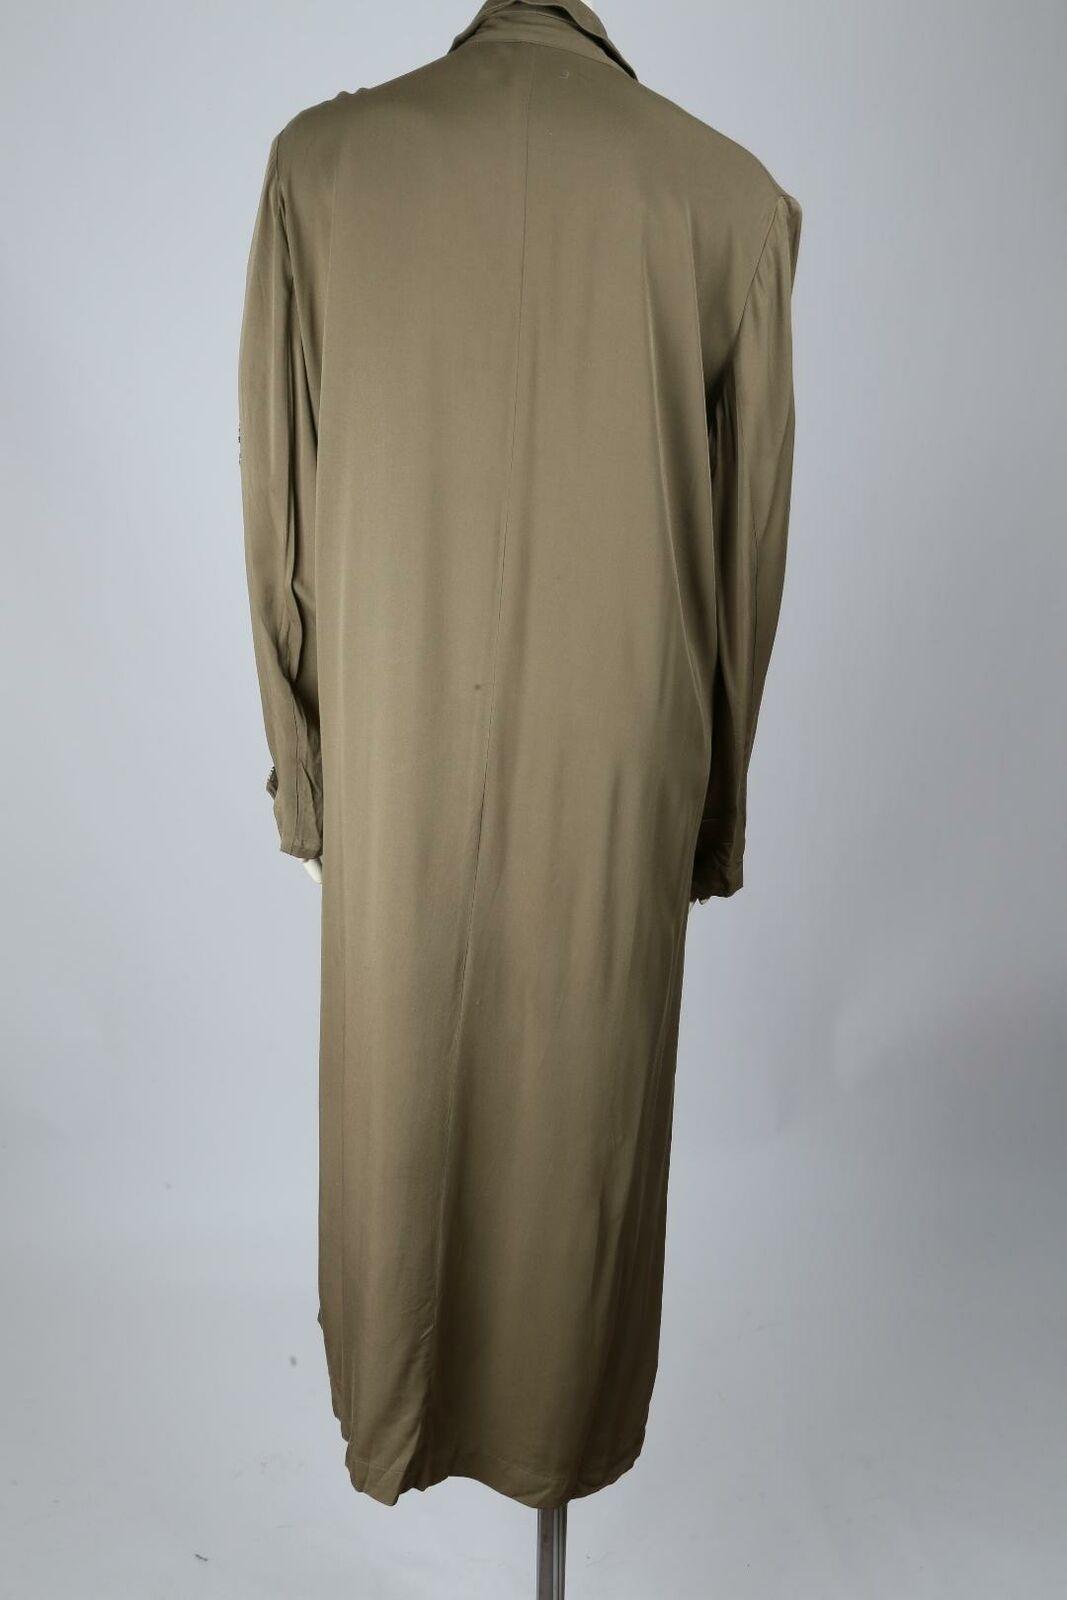 MANGO Olive Green Oversized Wrap Long Trench Coat… - image 5